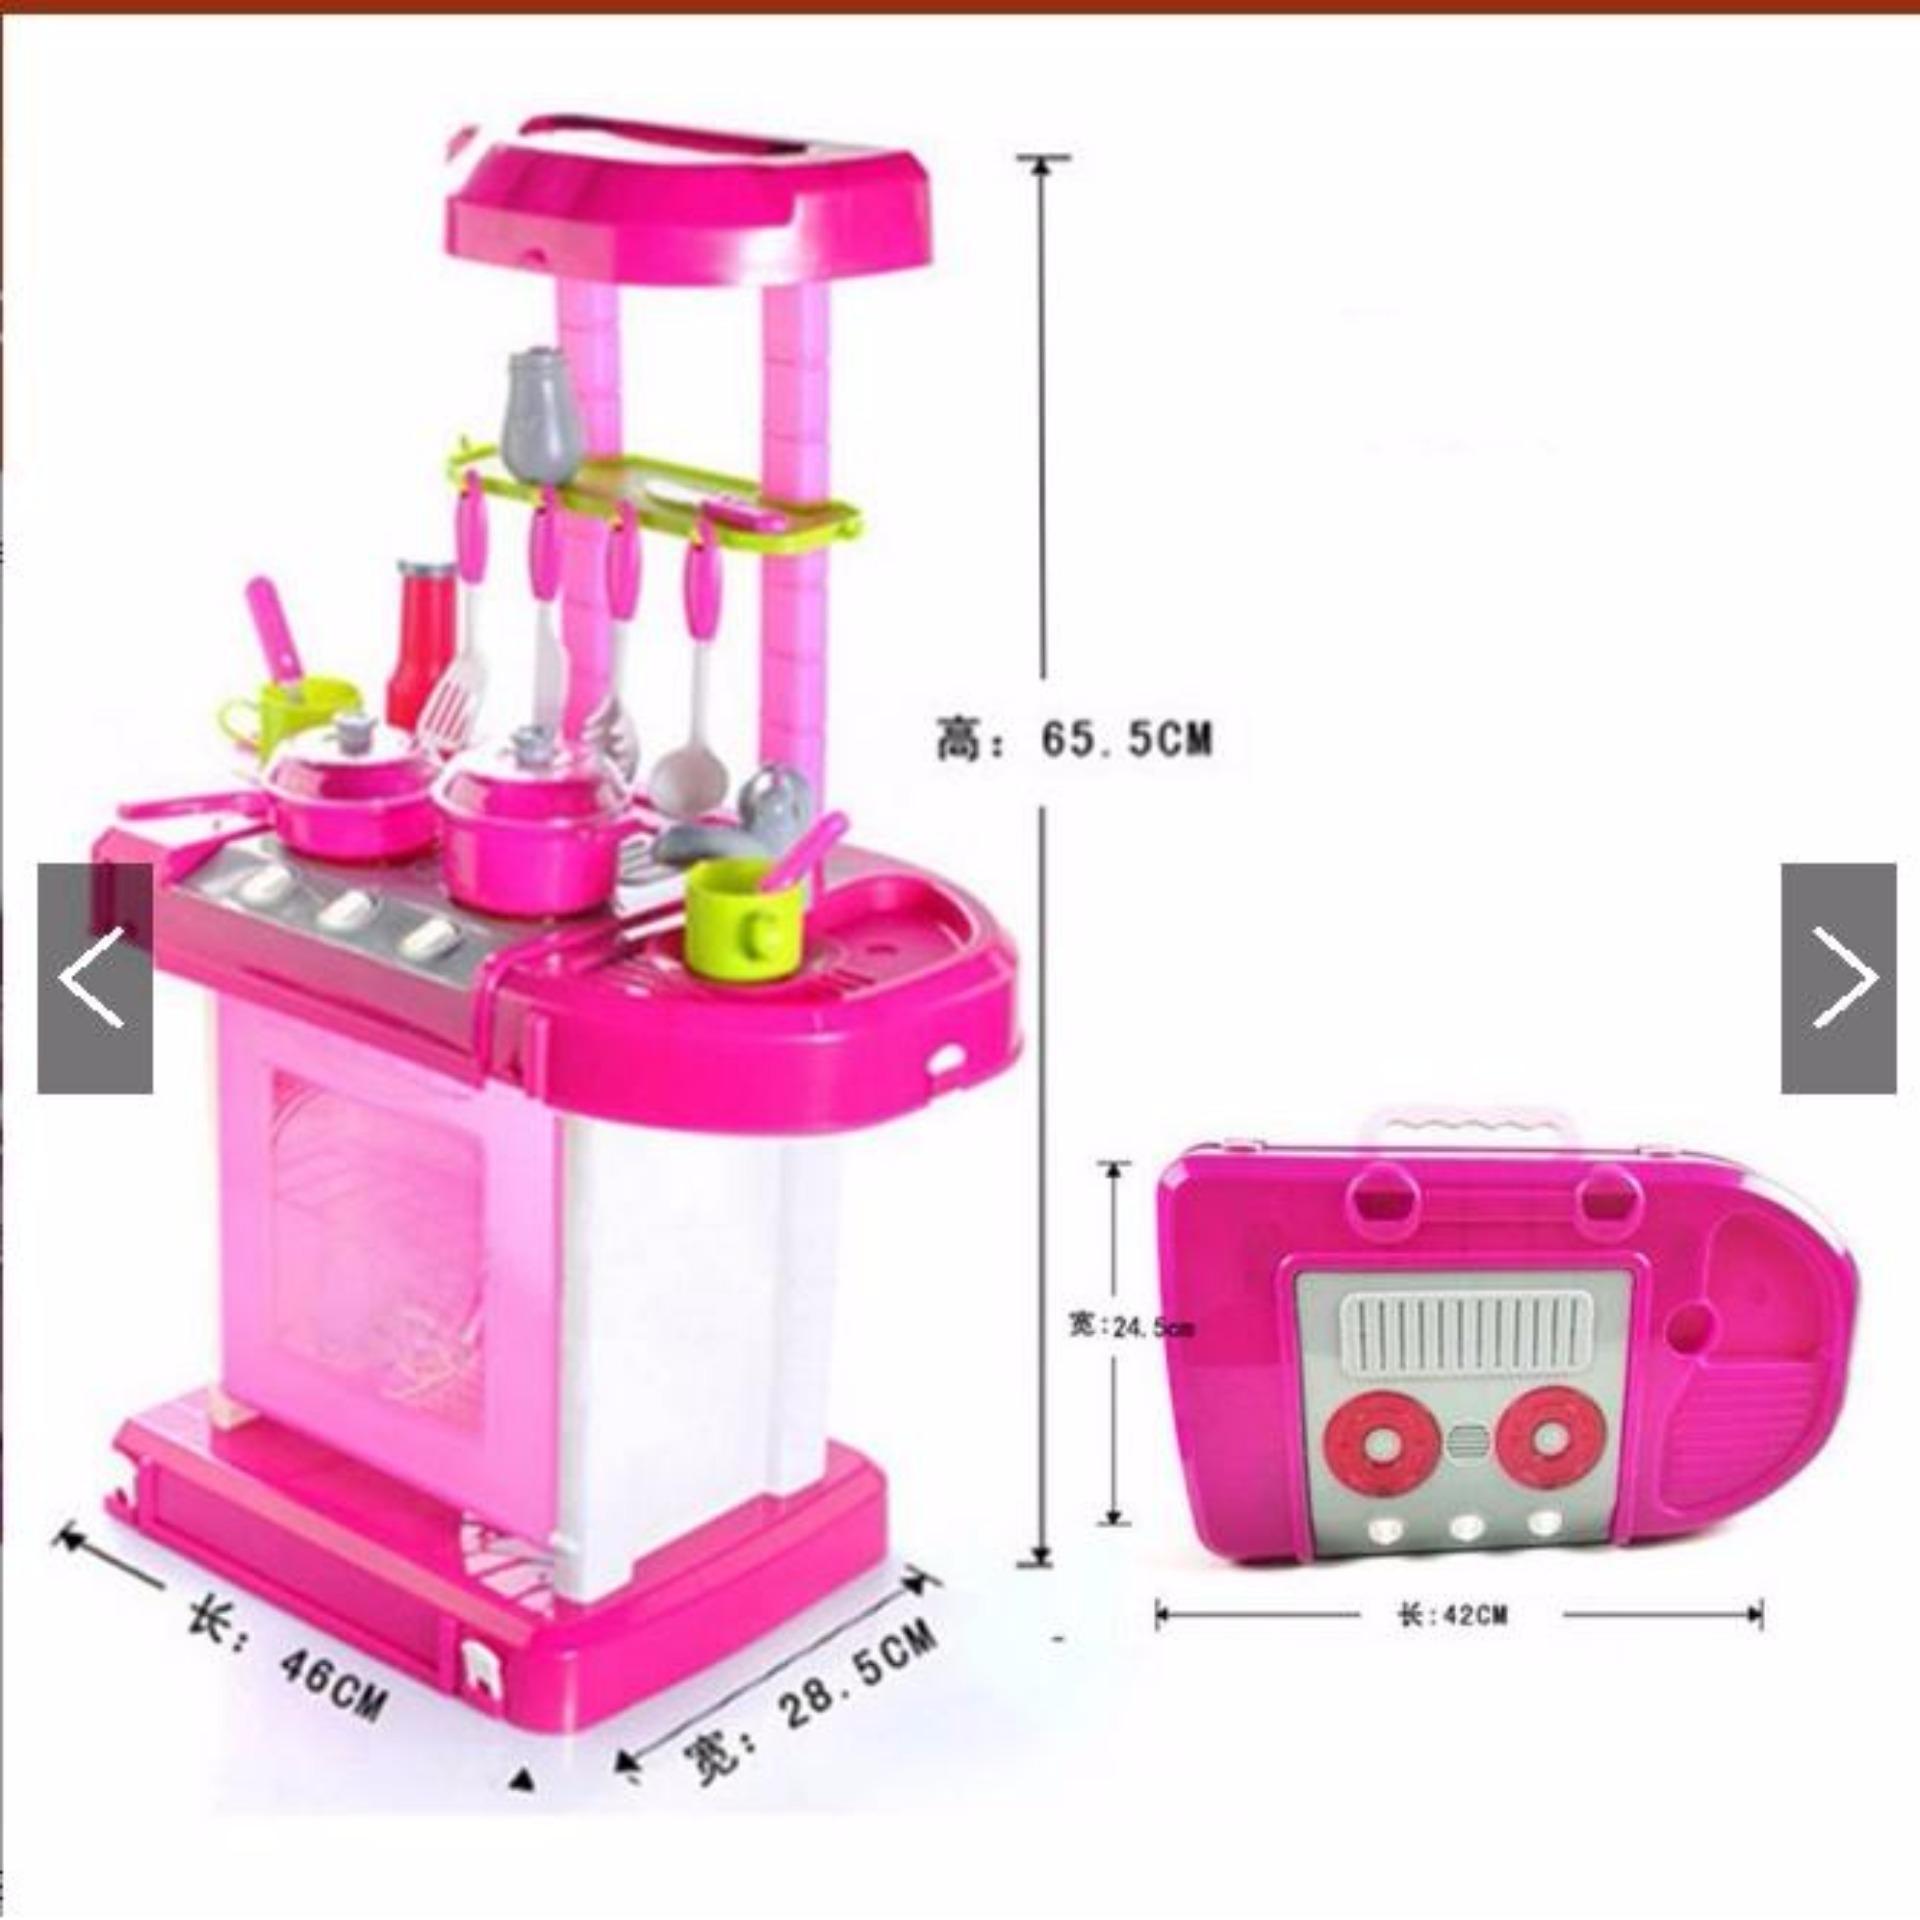 Diskon Penjualan Mainan Anak Cewek Kitchen Set Koper Warna Pink